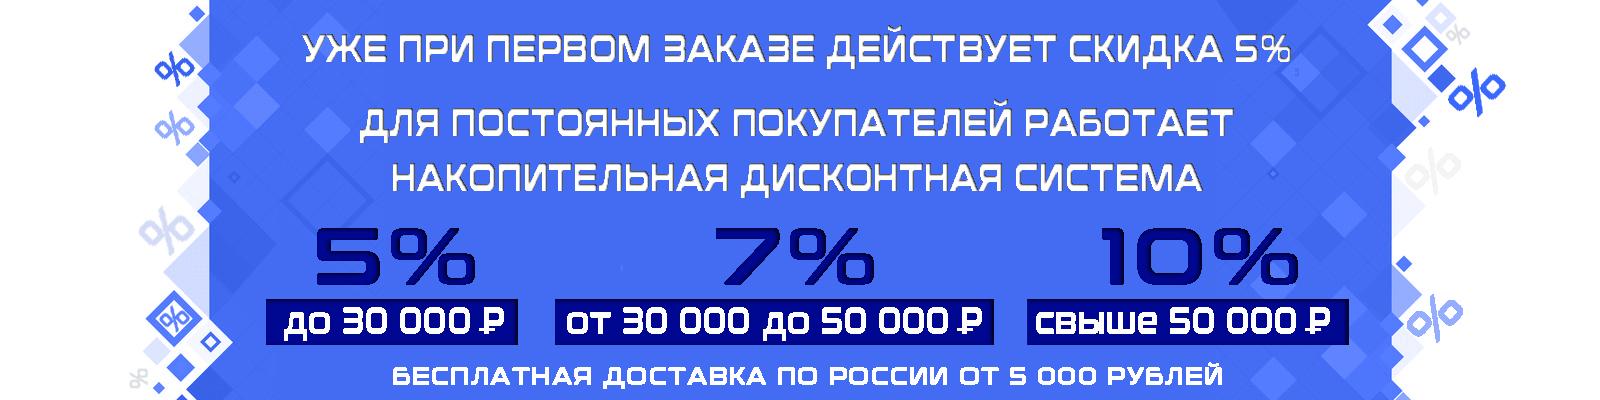 436bacedccf Интернет-магазин СпортСервисЦентр - здоровый образ жизни вместе с нами!